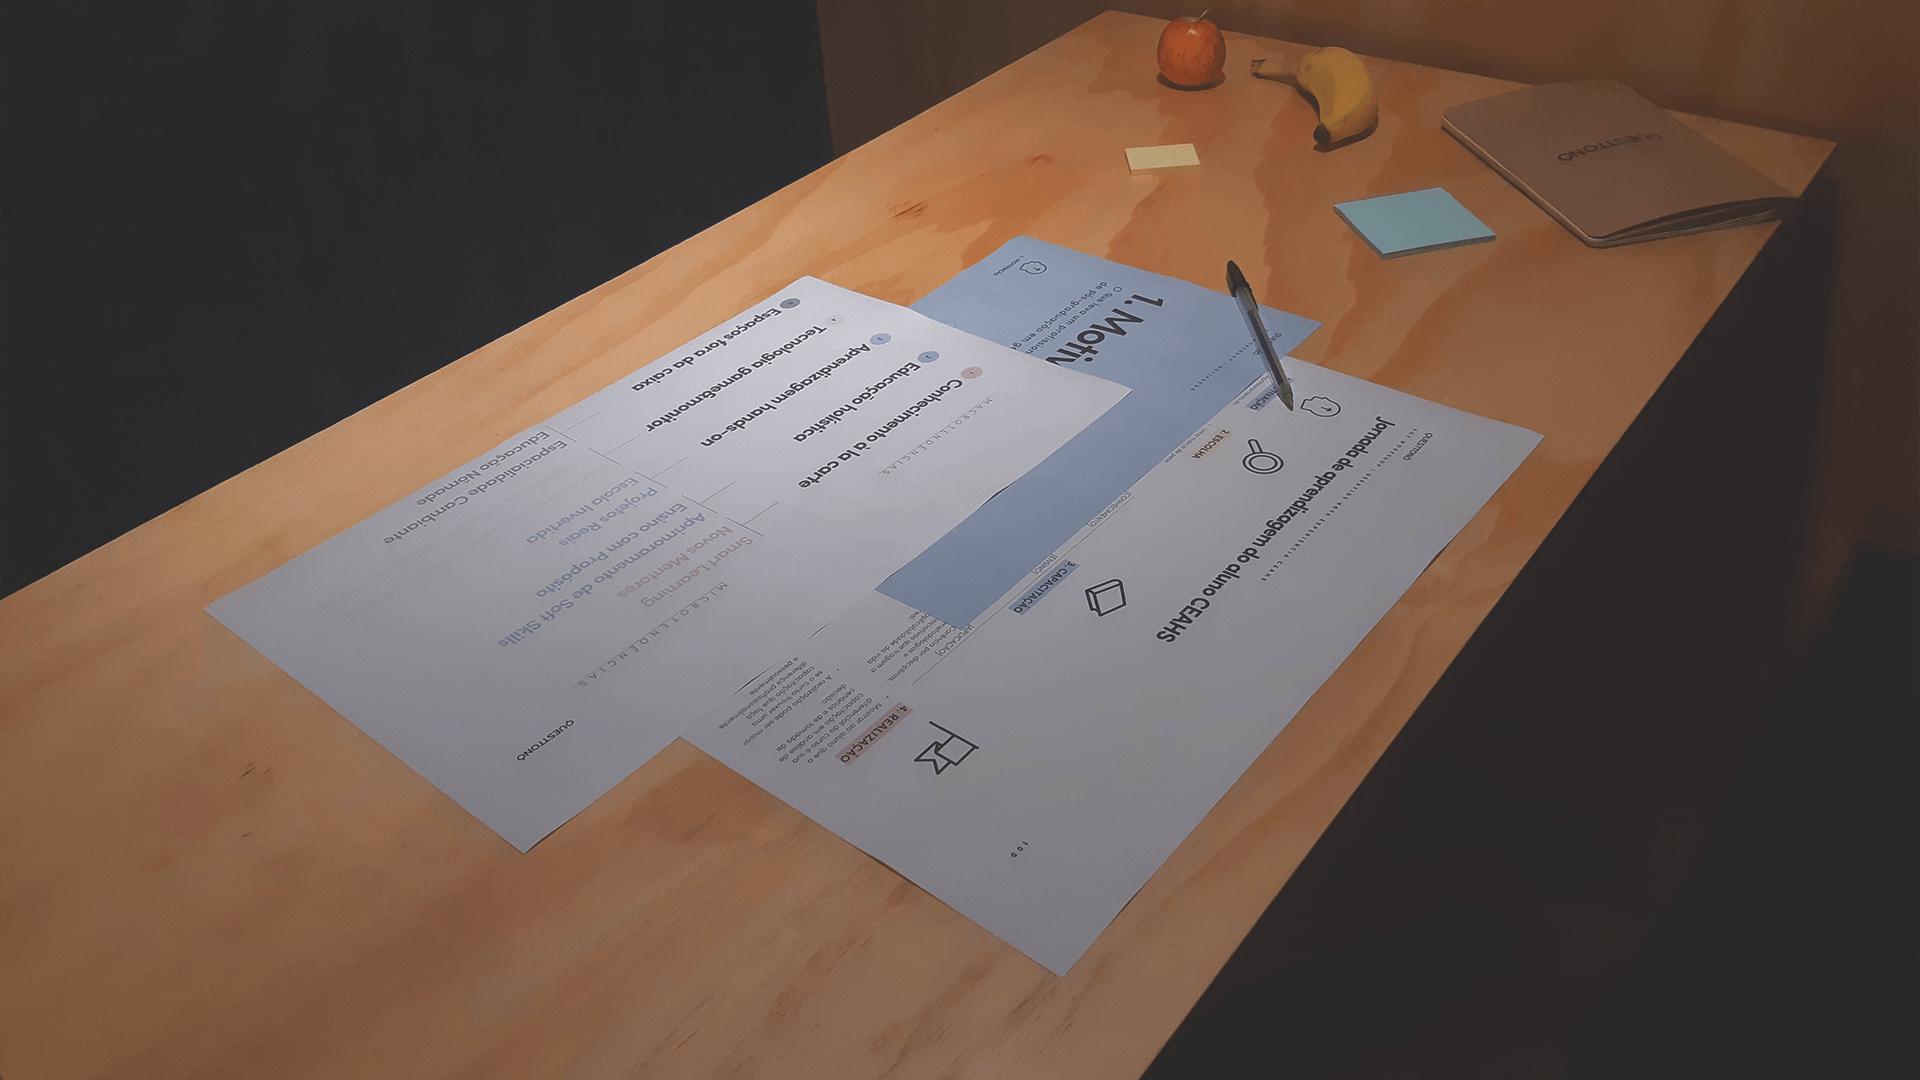 Case de FGV: Fotos de processo. Inovação em educação